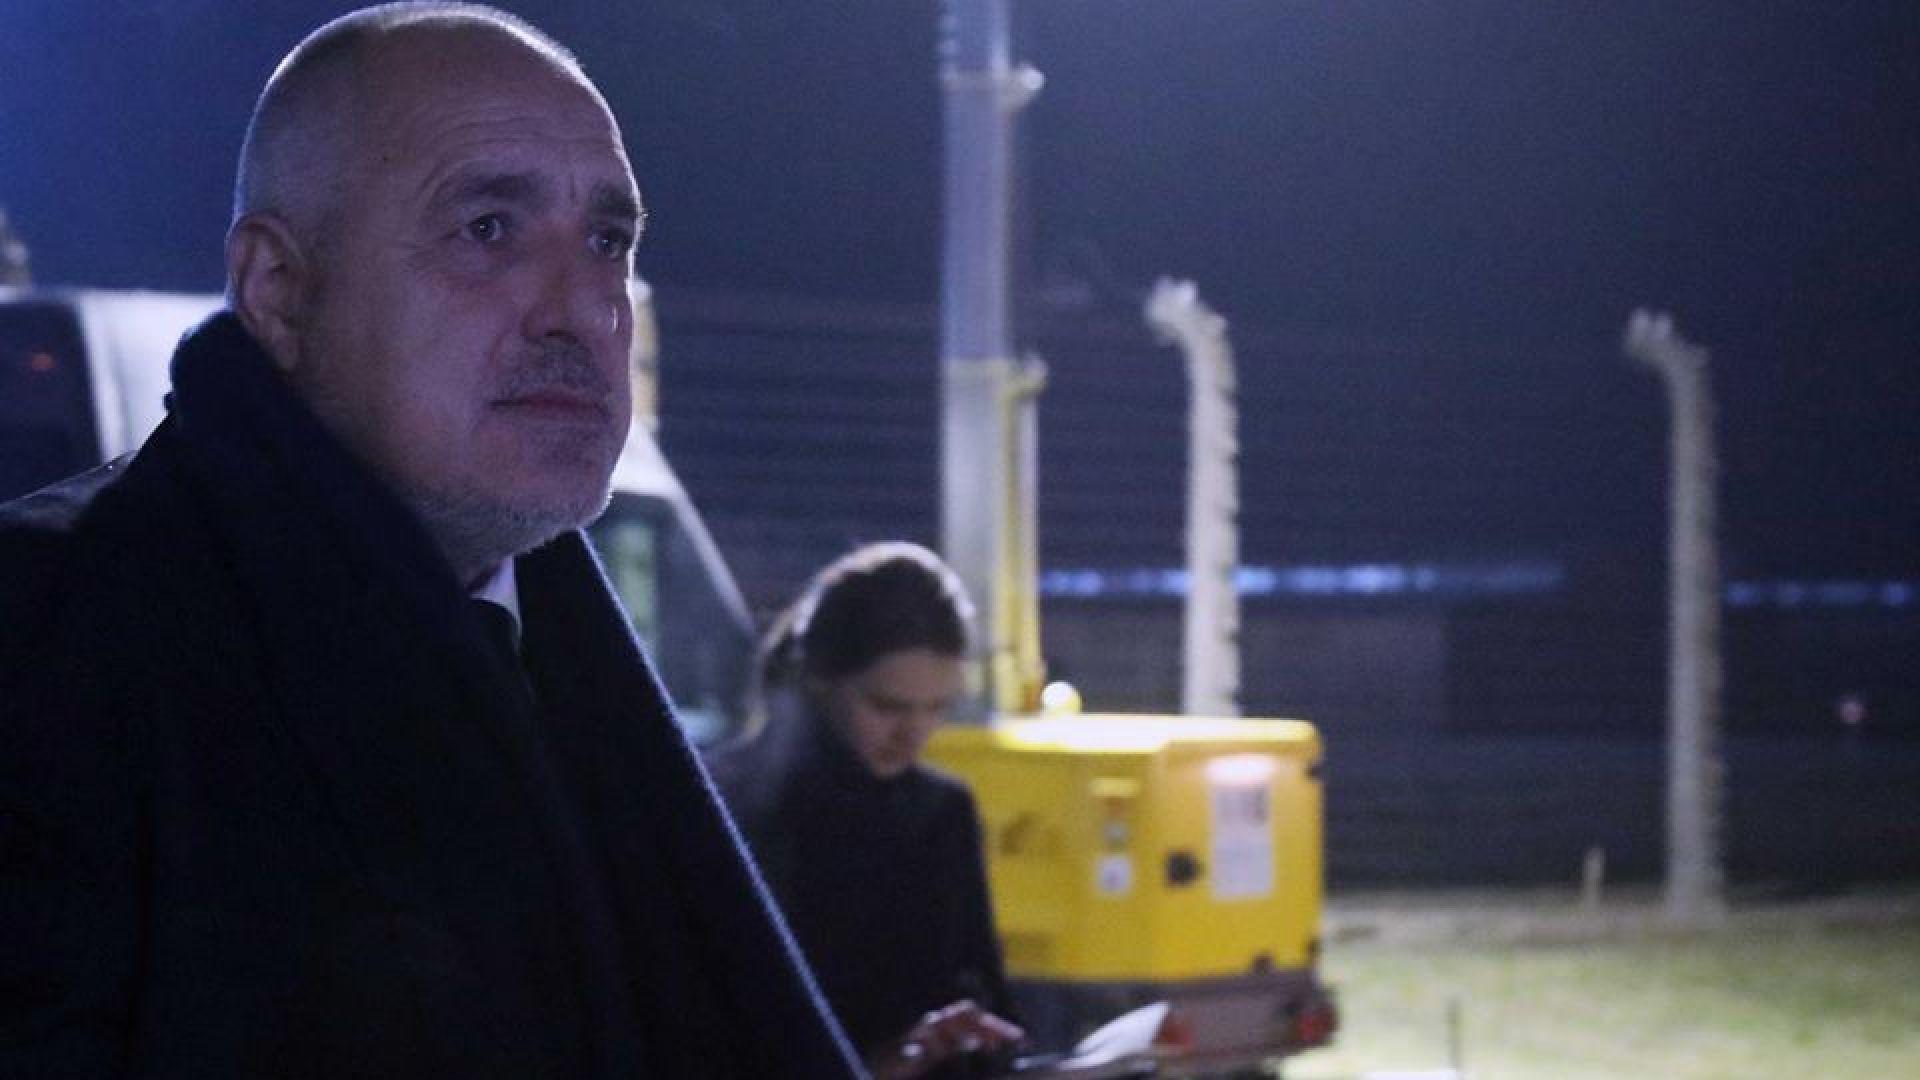 Борисов в Аушвиц: Тук е било фабрика за смърт, човек го побиват тръпки (снимки, видео)